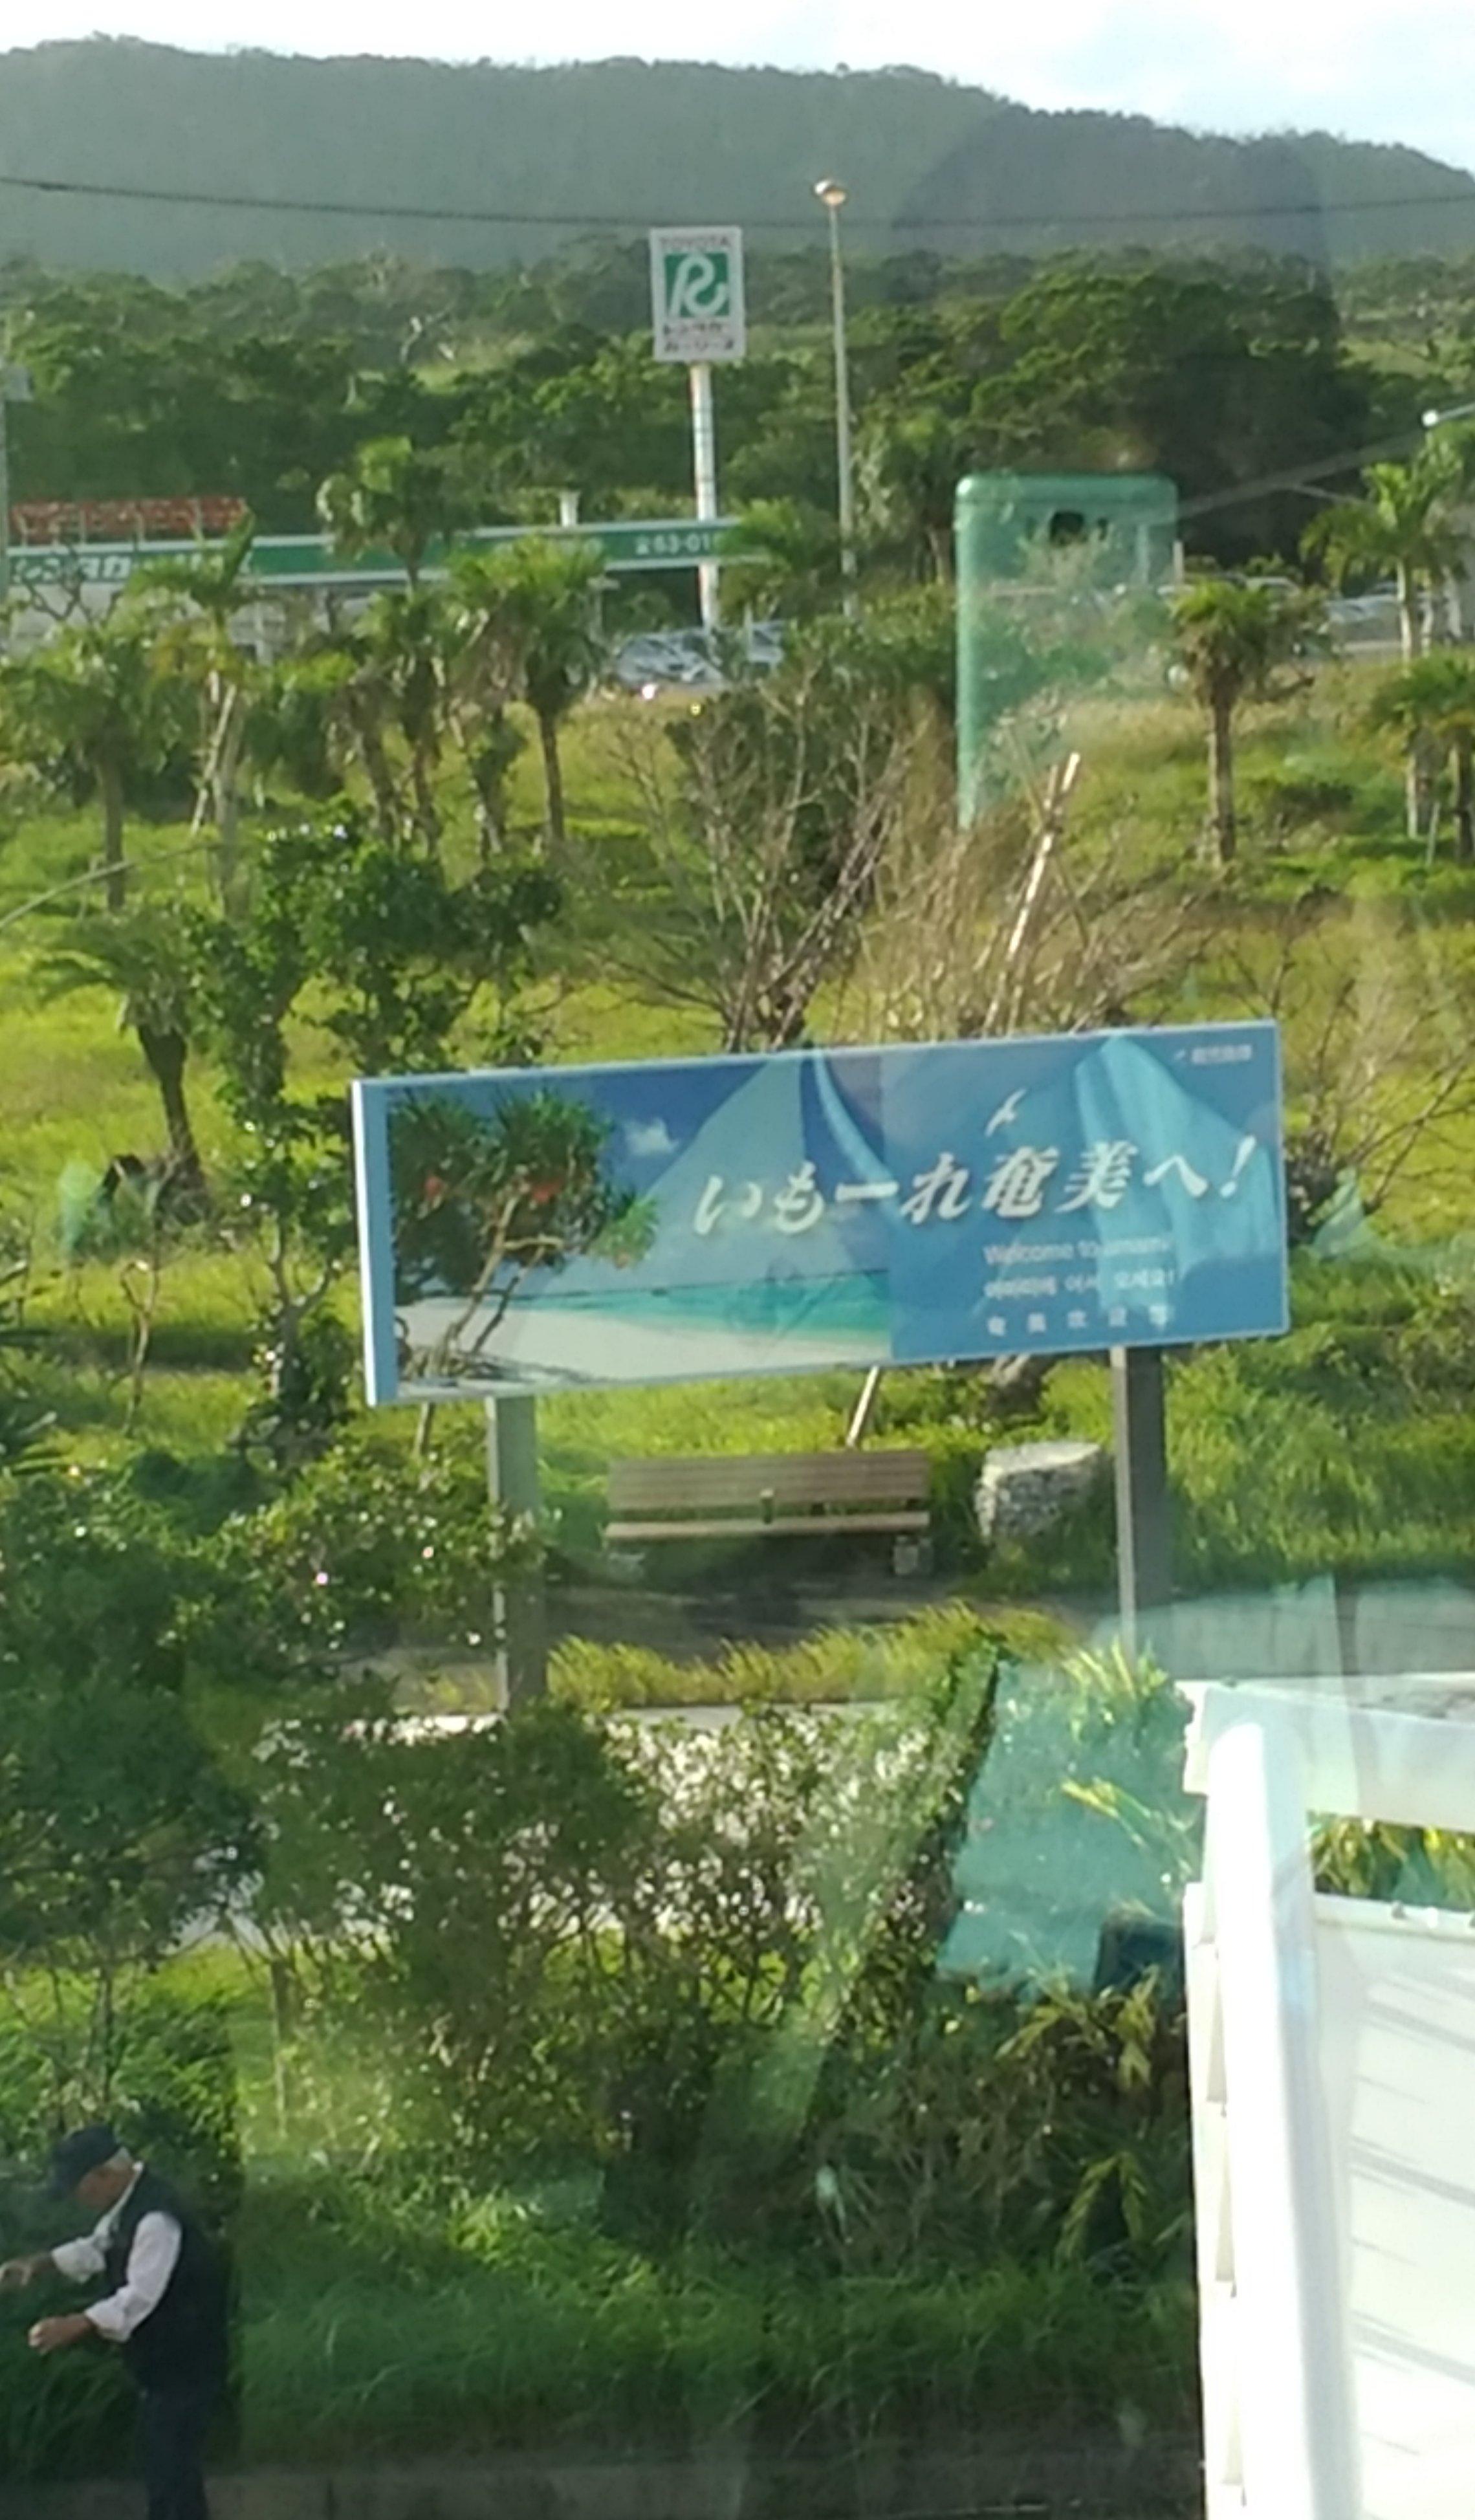 4 P_20171030_161136奄美空港歓迎いもーれ